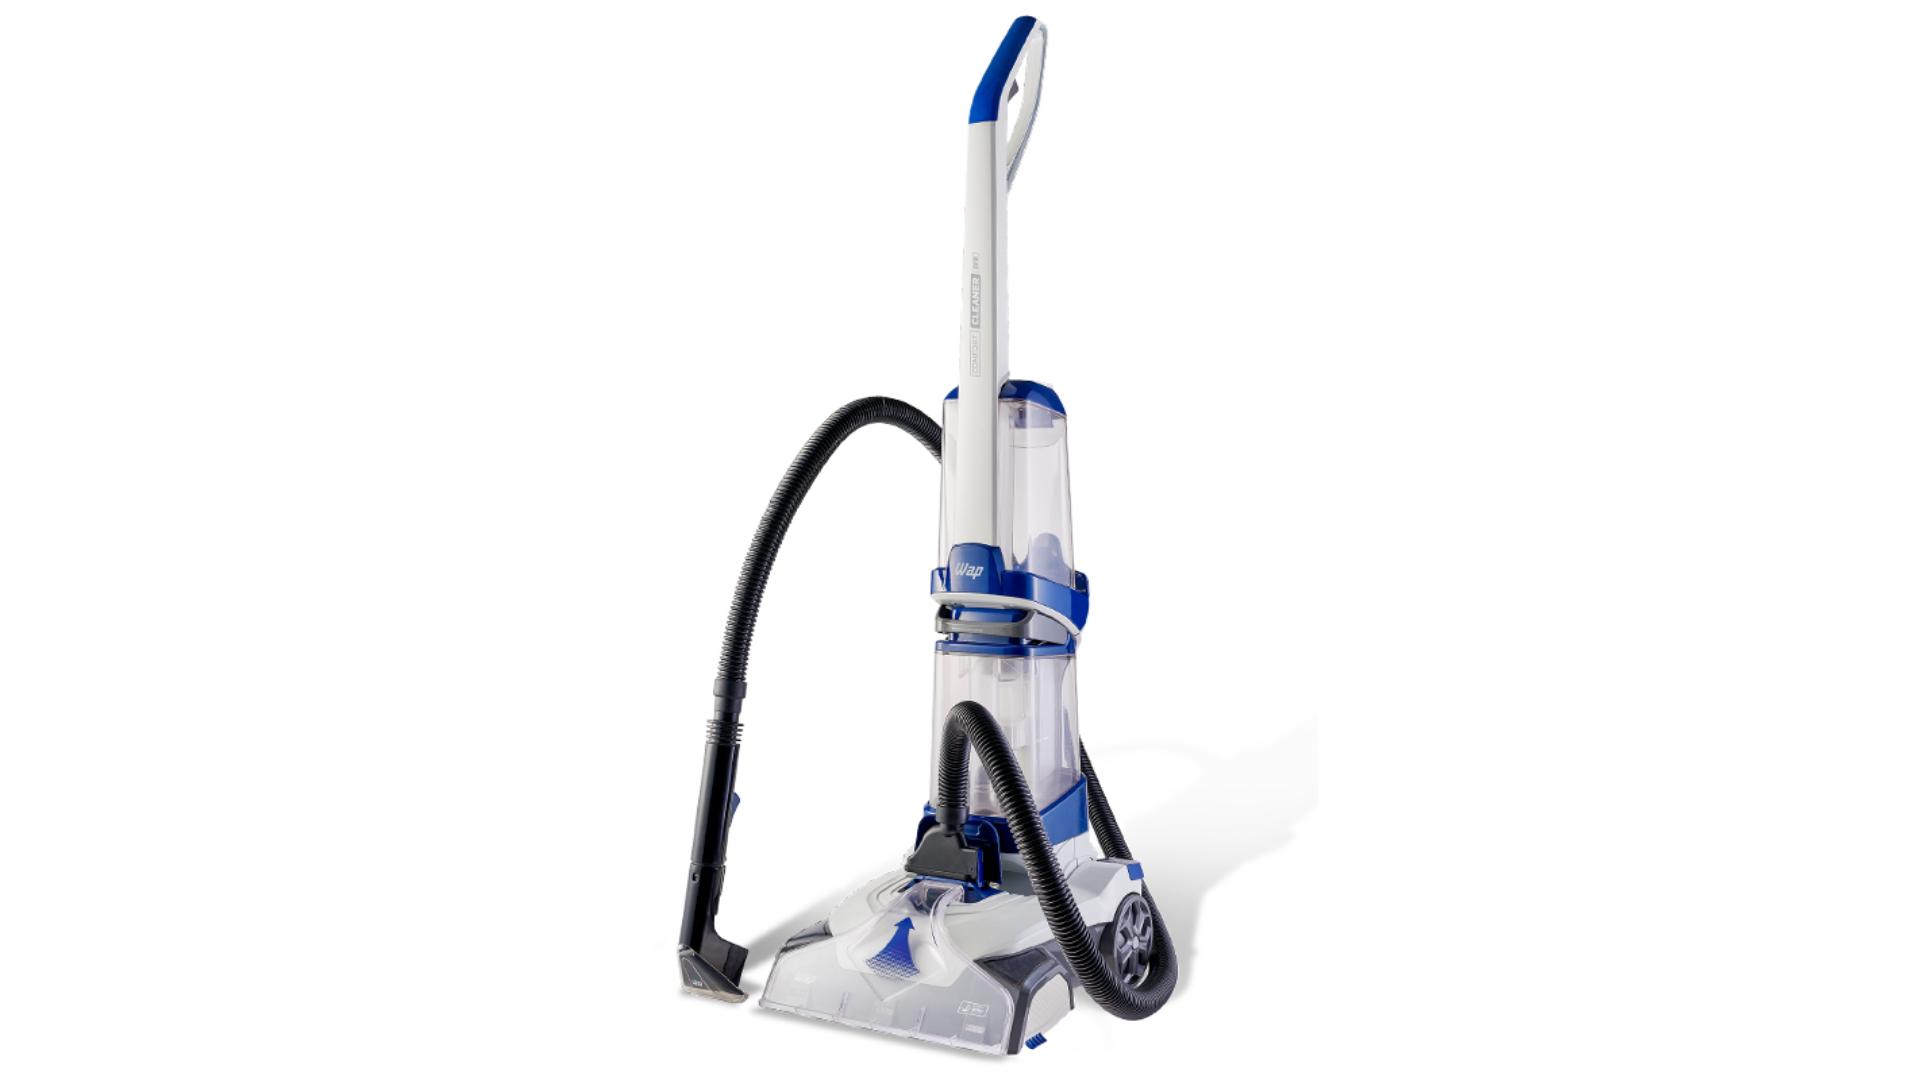 Conheça mais sobre a Extratora WAP Comfort Cleaner Pro! (Imagem: Divulgação/WAP)